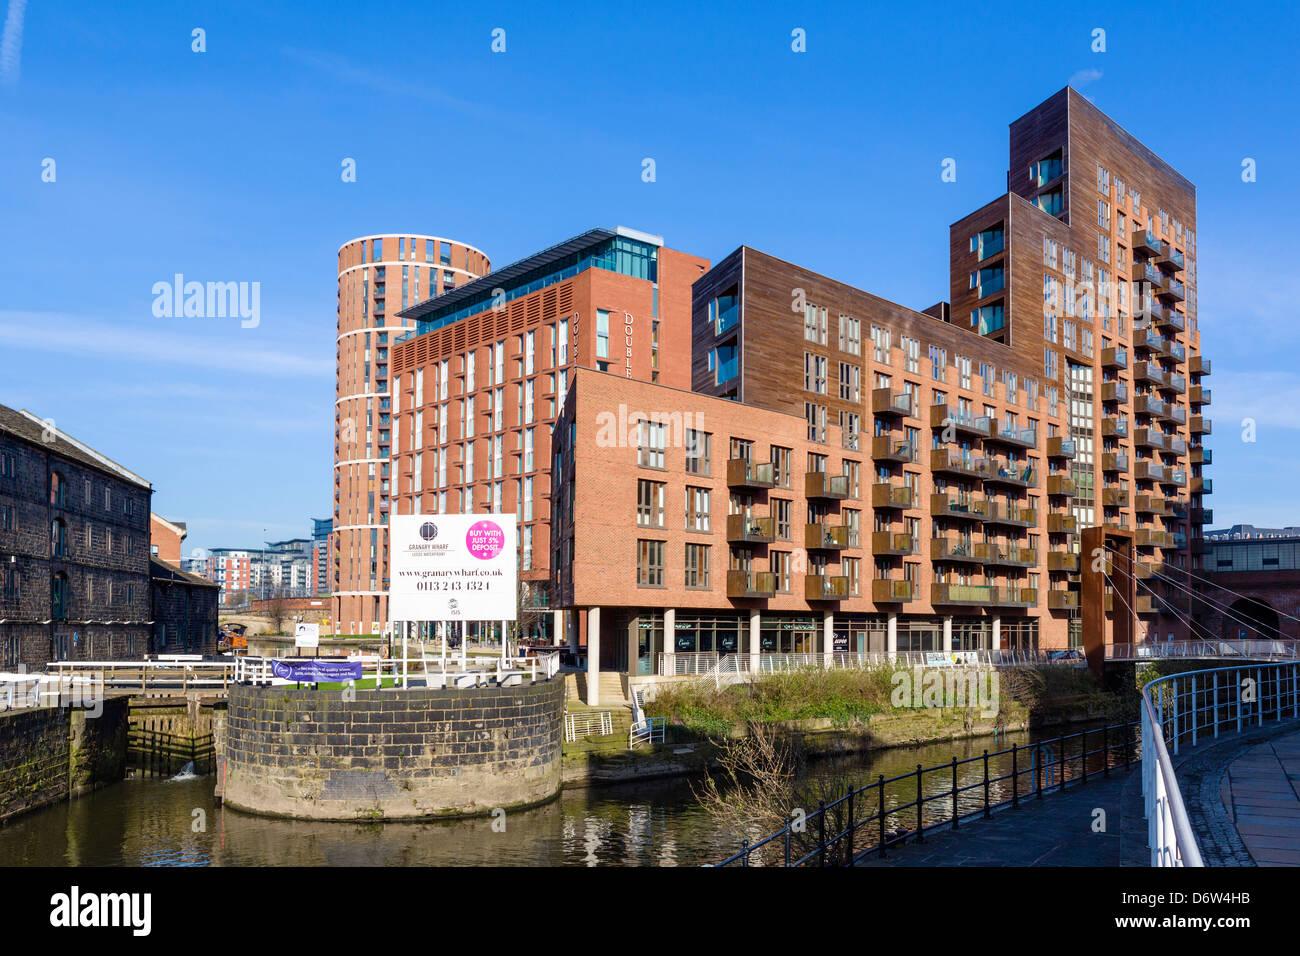 Waterfront apartments et l'hôtel DoubleTree à Granary Wharf dans le centre-ville, Leeds, West Yorkshire, Photo Stock